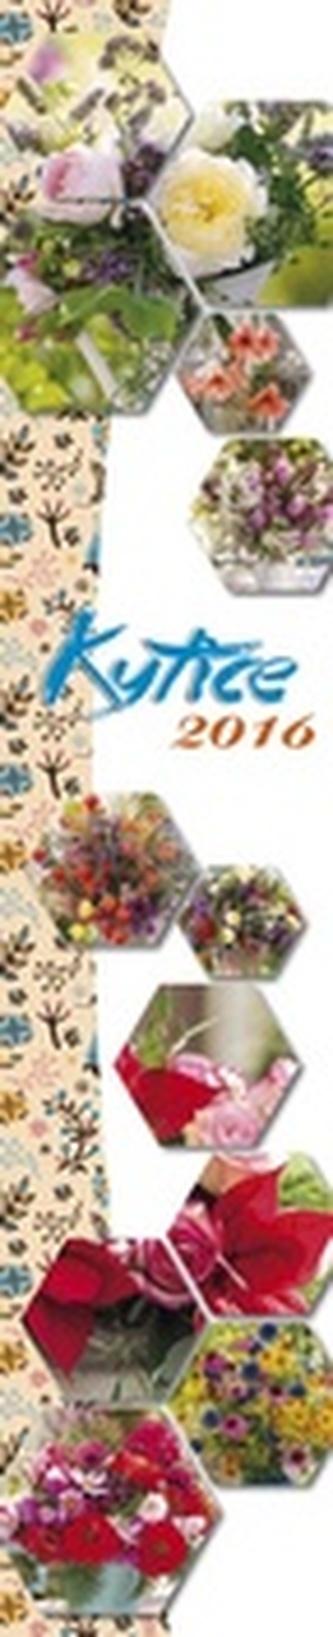 Kytice 2016 - nástěnný kalendář